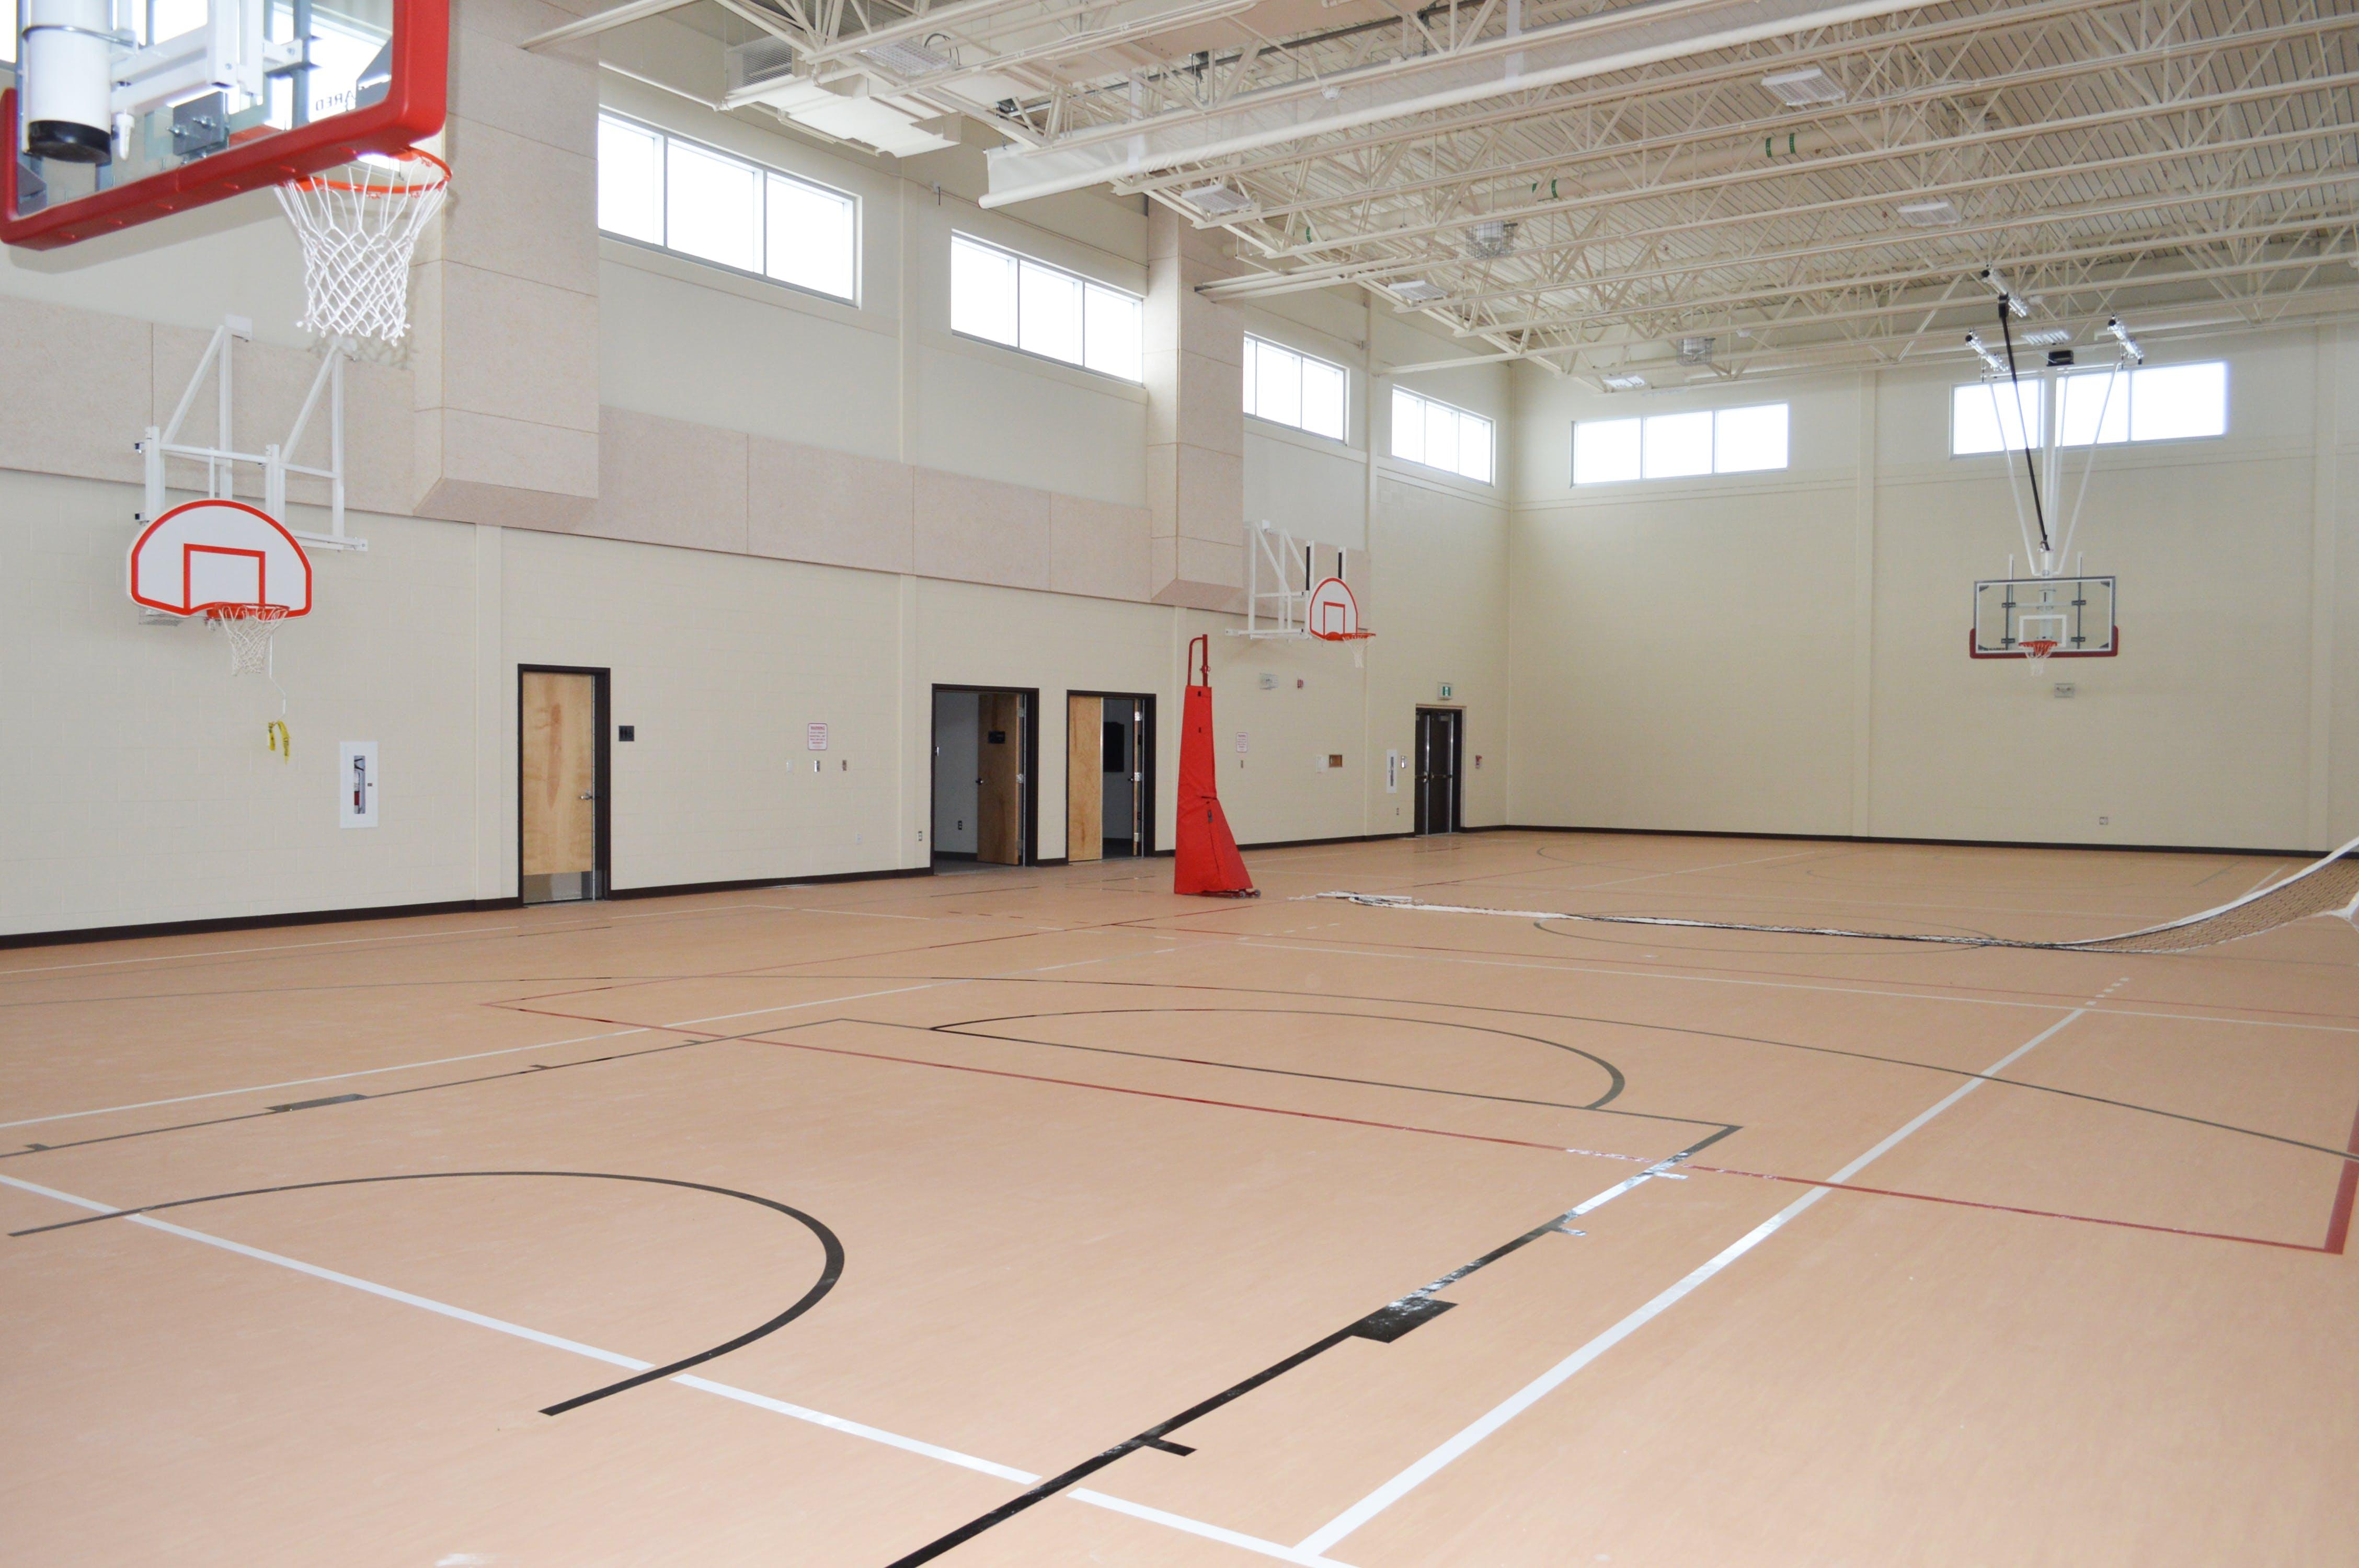 full sized gymnasium